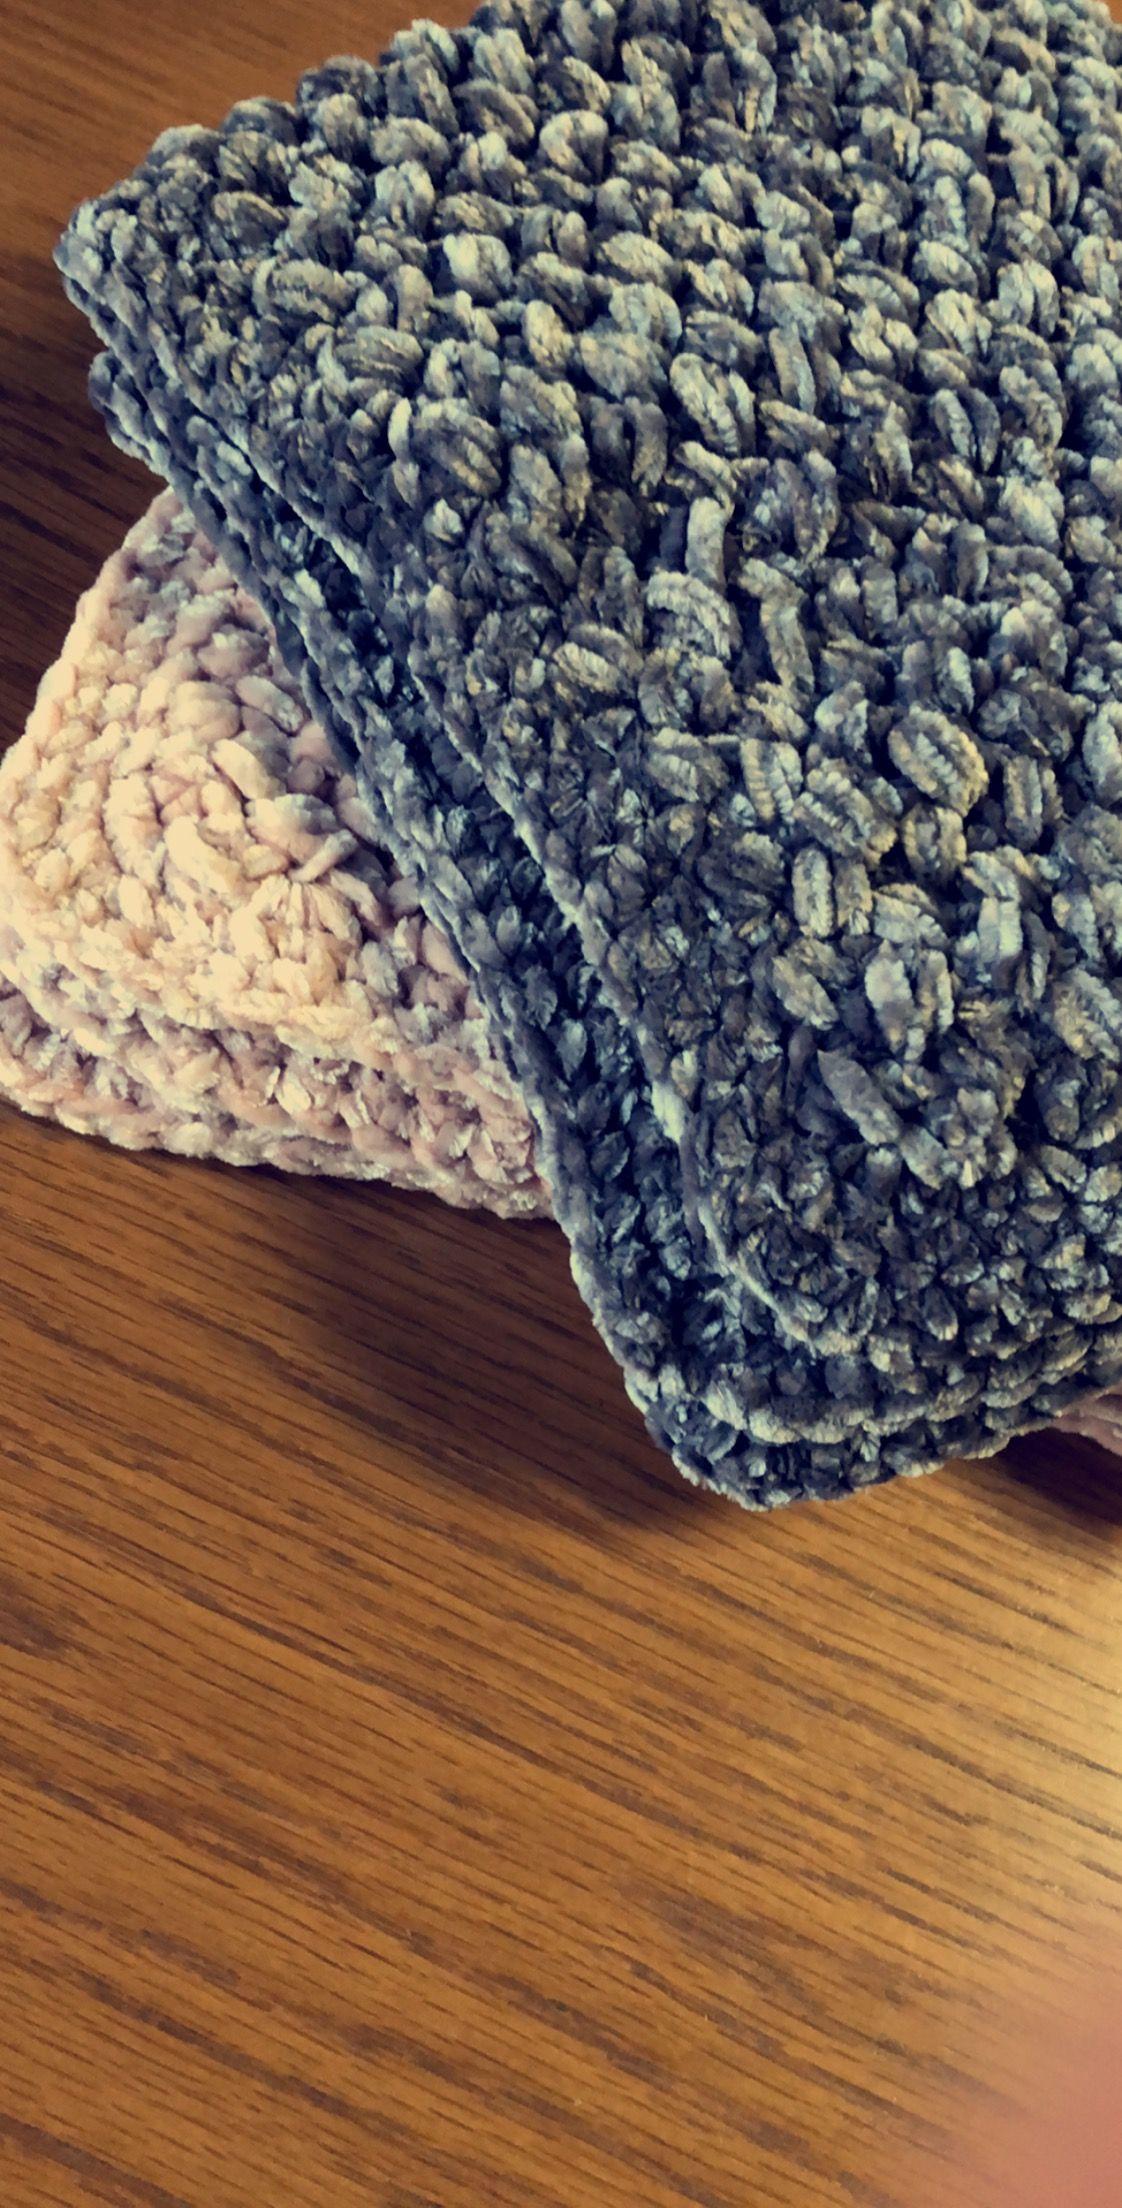 Crochet Baby Blankets Using Bernat Velvet Yarn Crochet Crochet Baby Crochet Stitches Patterns